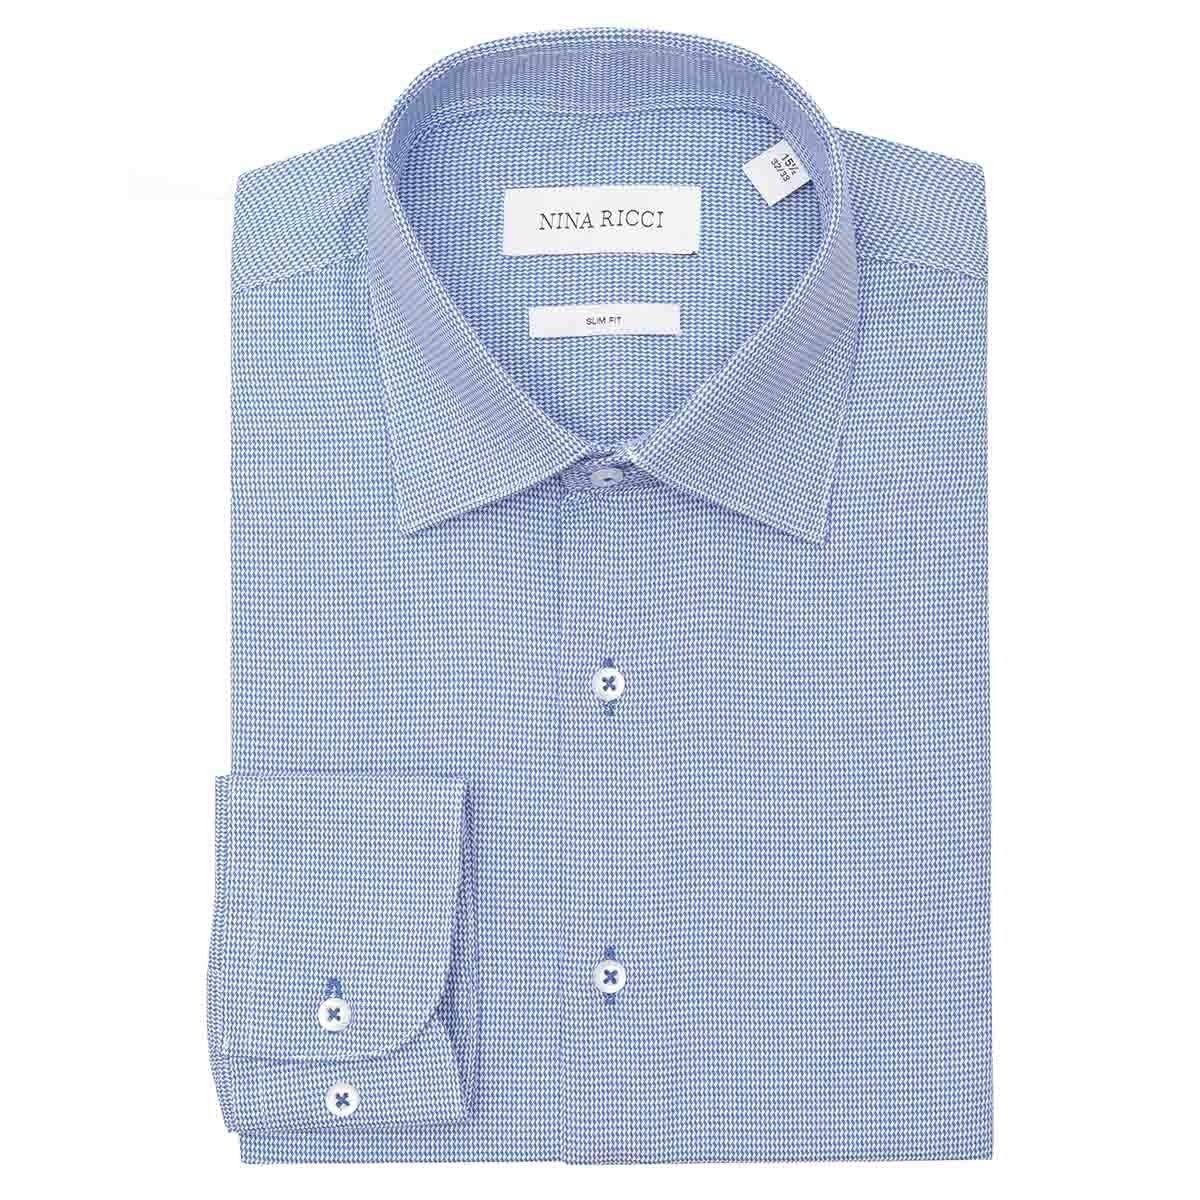 5179f50a290f7 Camisa de vestir con rayas en color azul nina ricci mlm jpg 1200x1200 Cstradha  camisas blancas